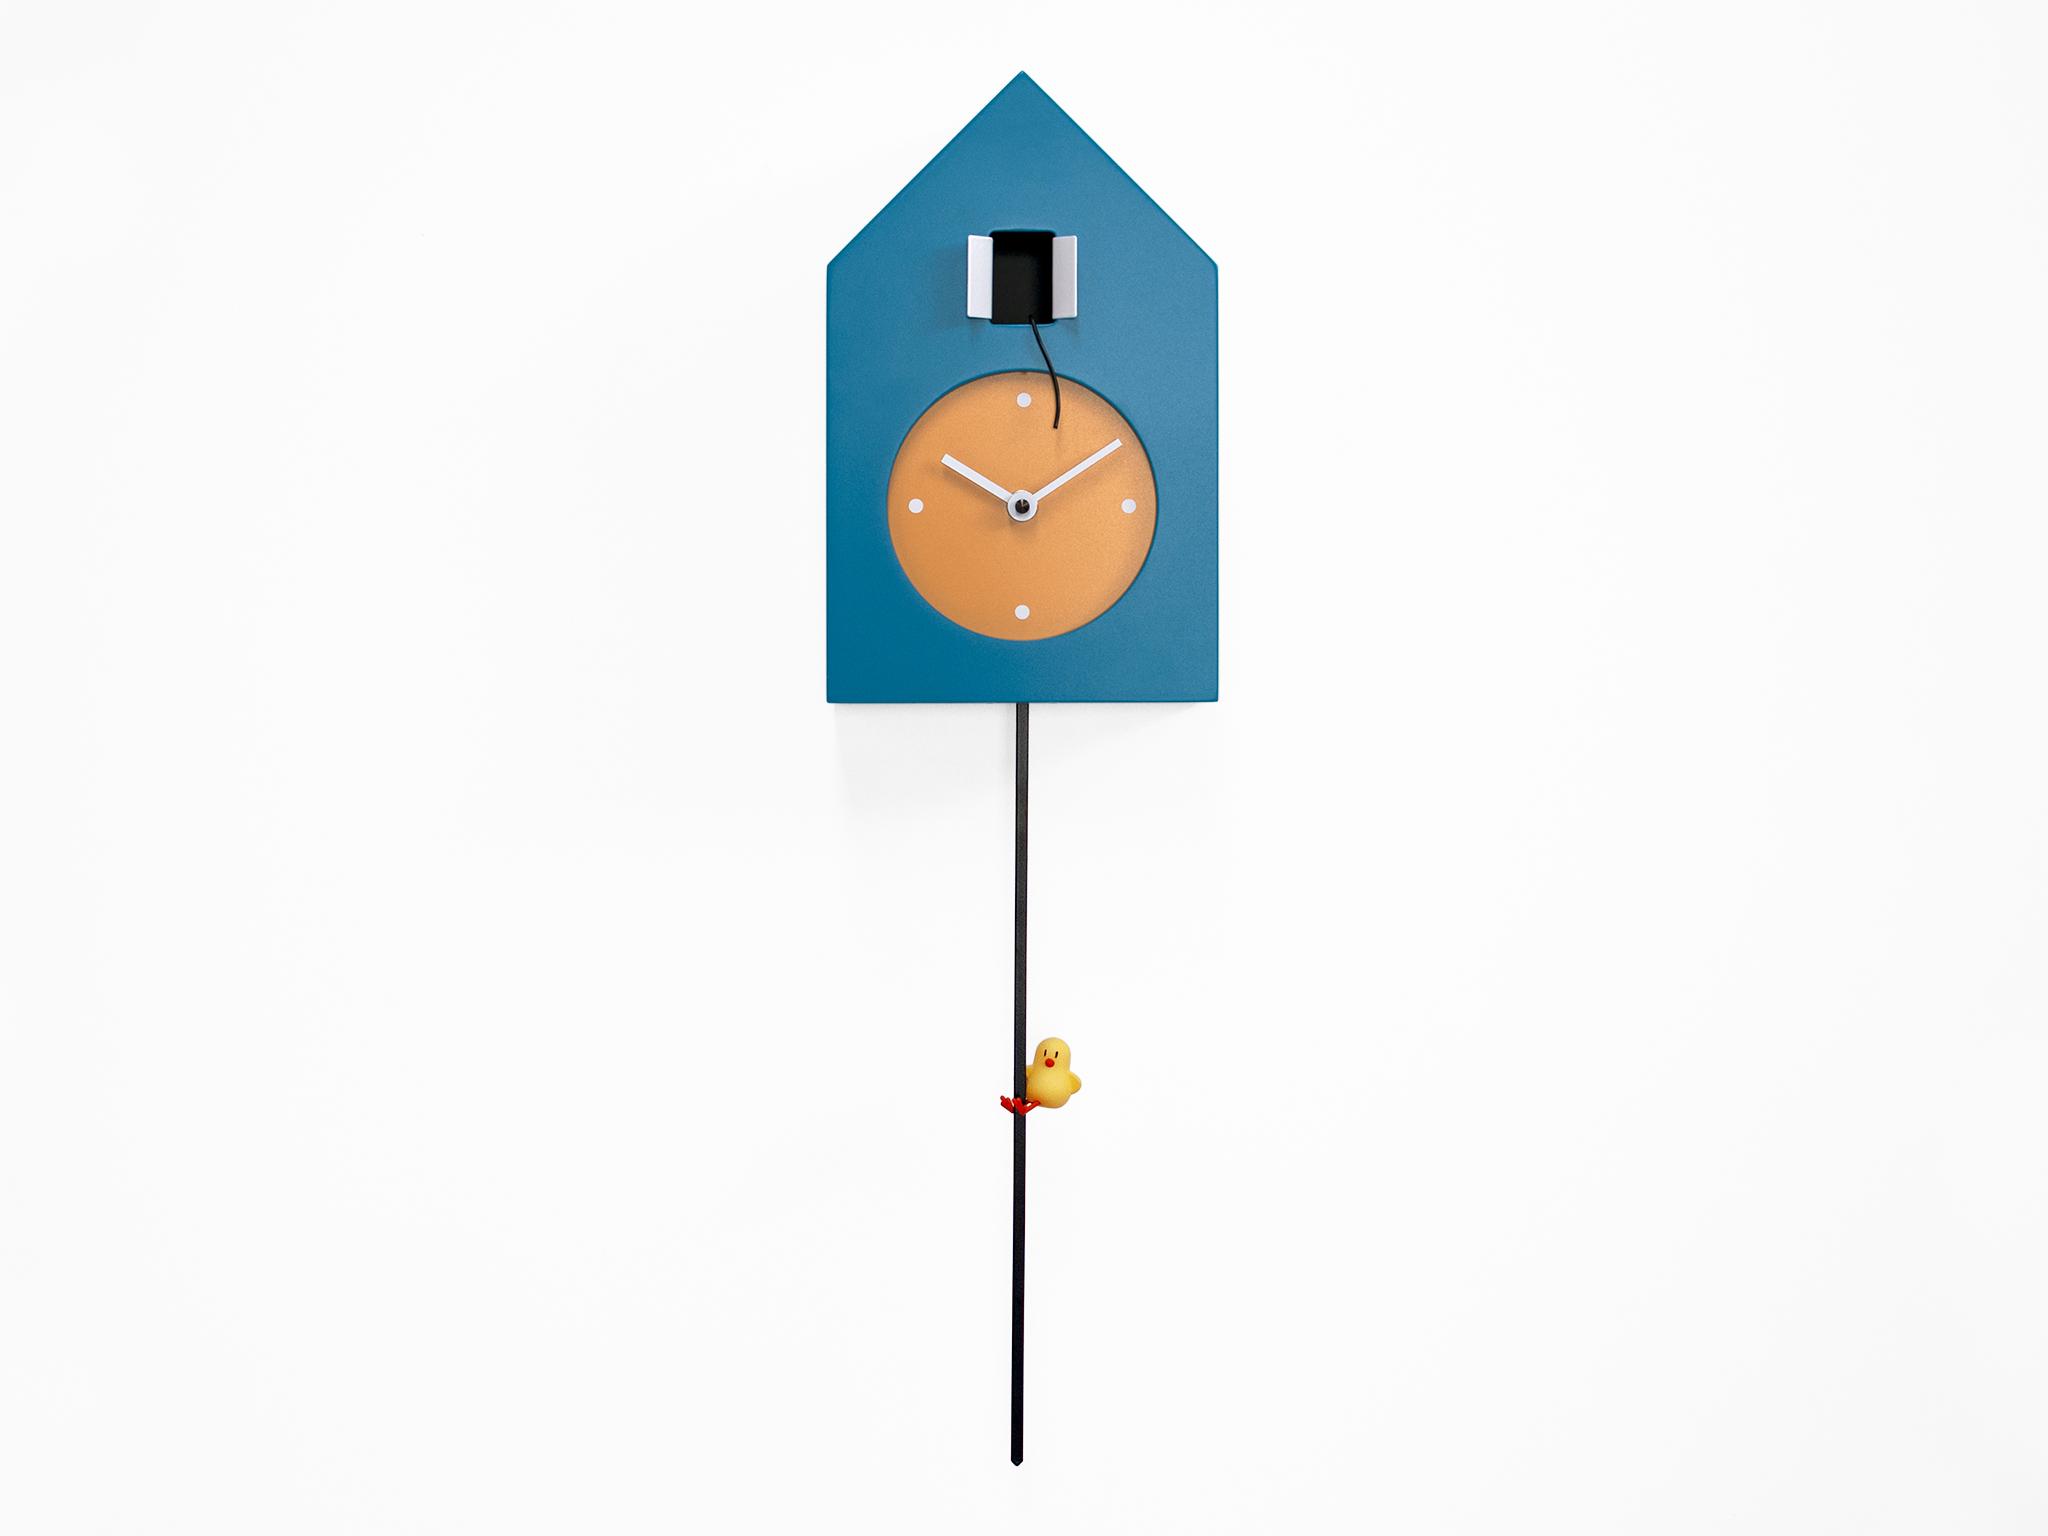 Progetti Srl Carate Brianza progetti | complementi d'arredo e oggetti per casa e ufficio